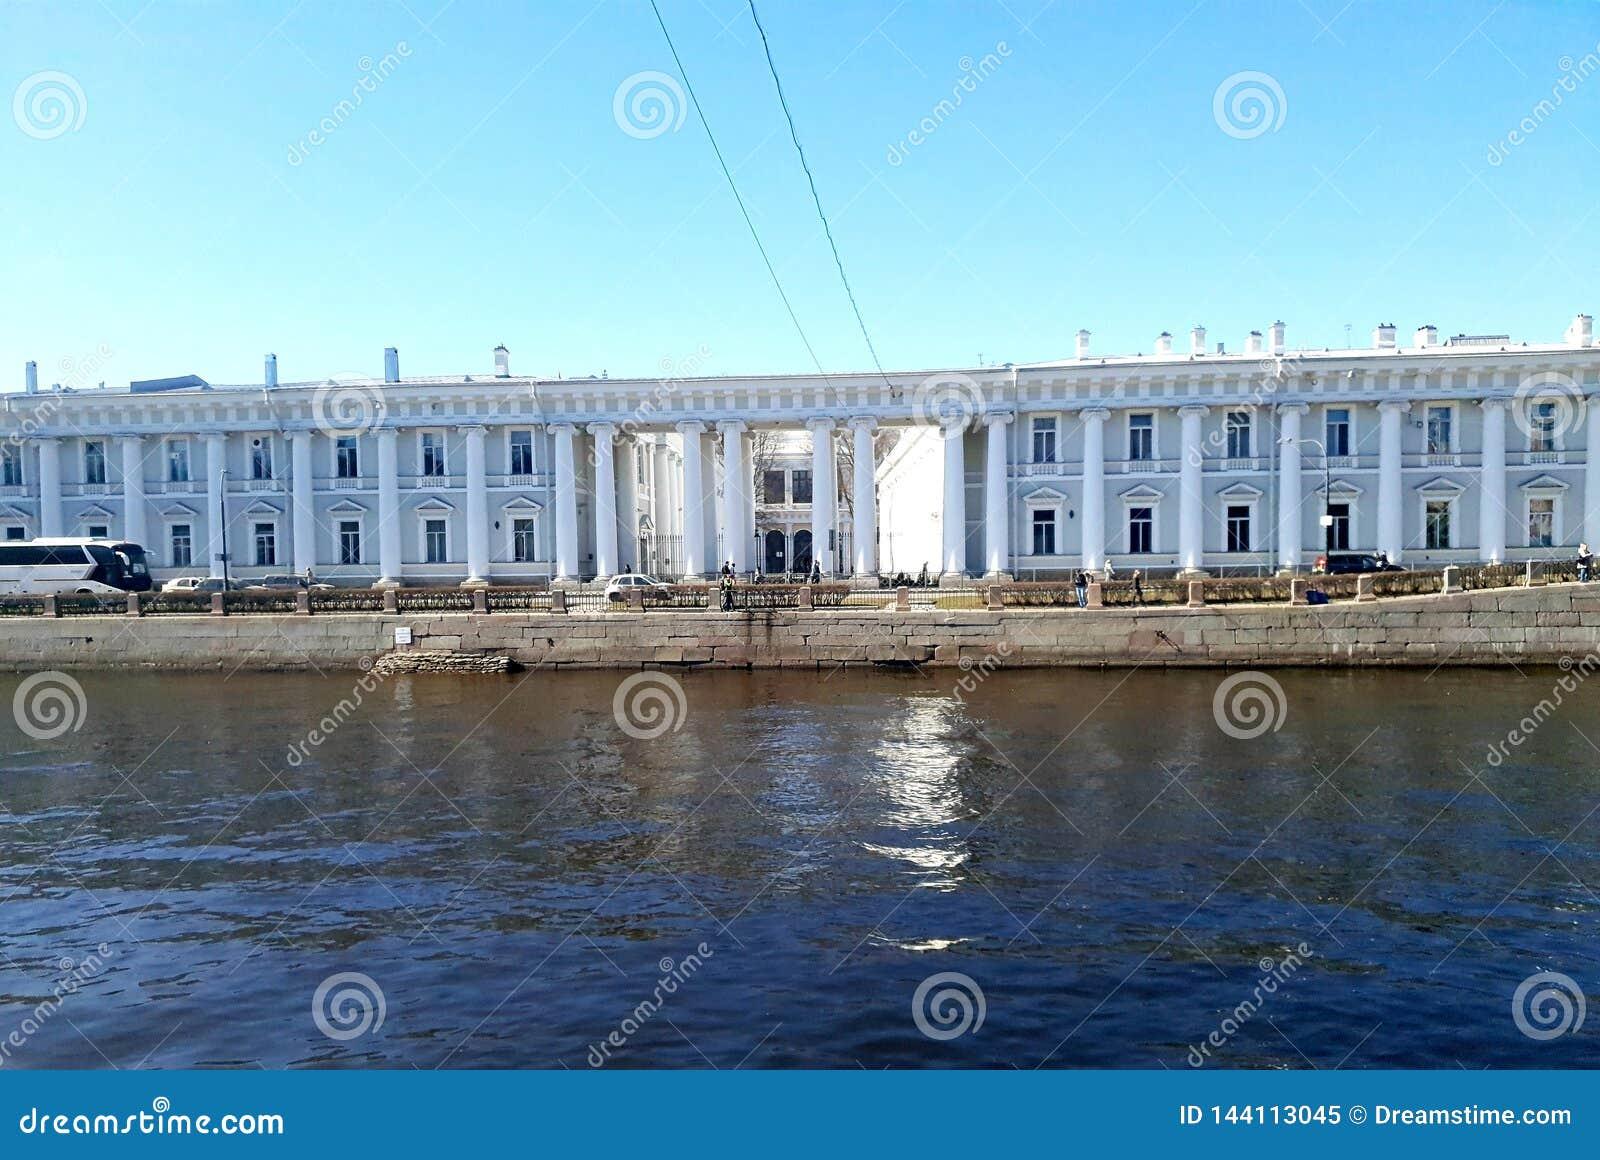 Kabinettet av hans imperialistiska majestät i solsken St Petersburg